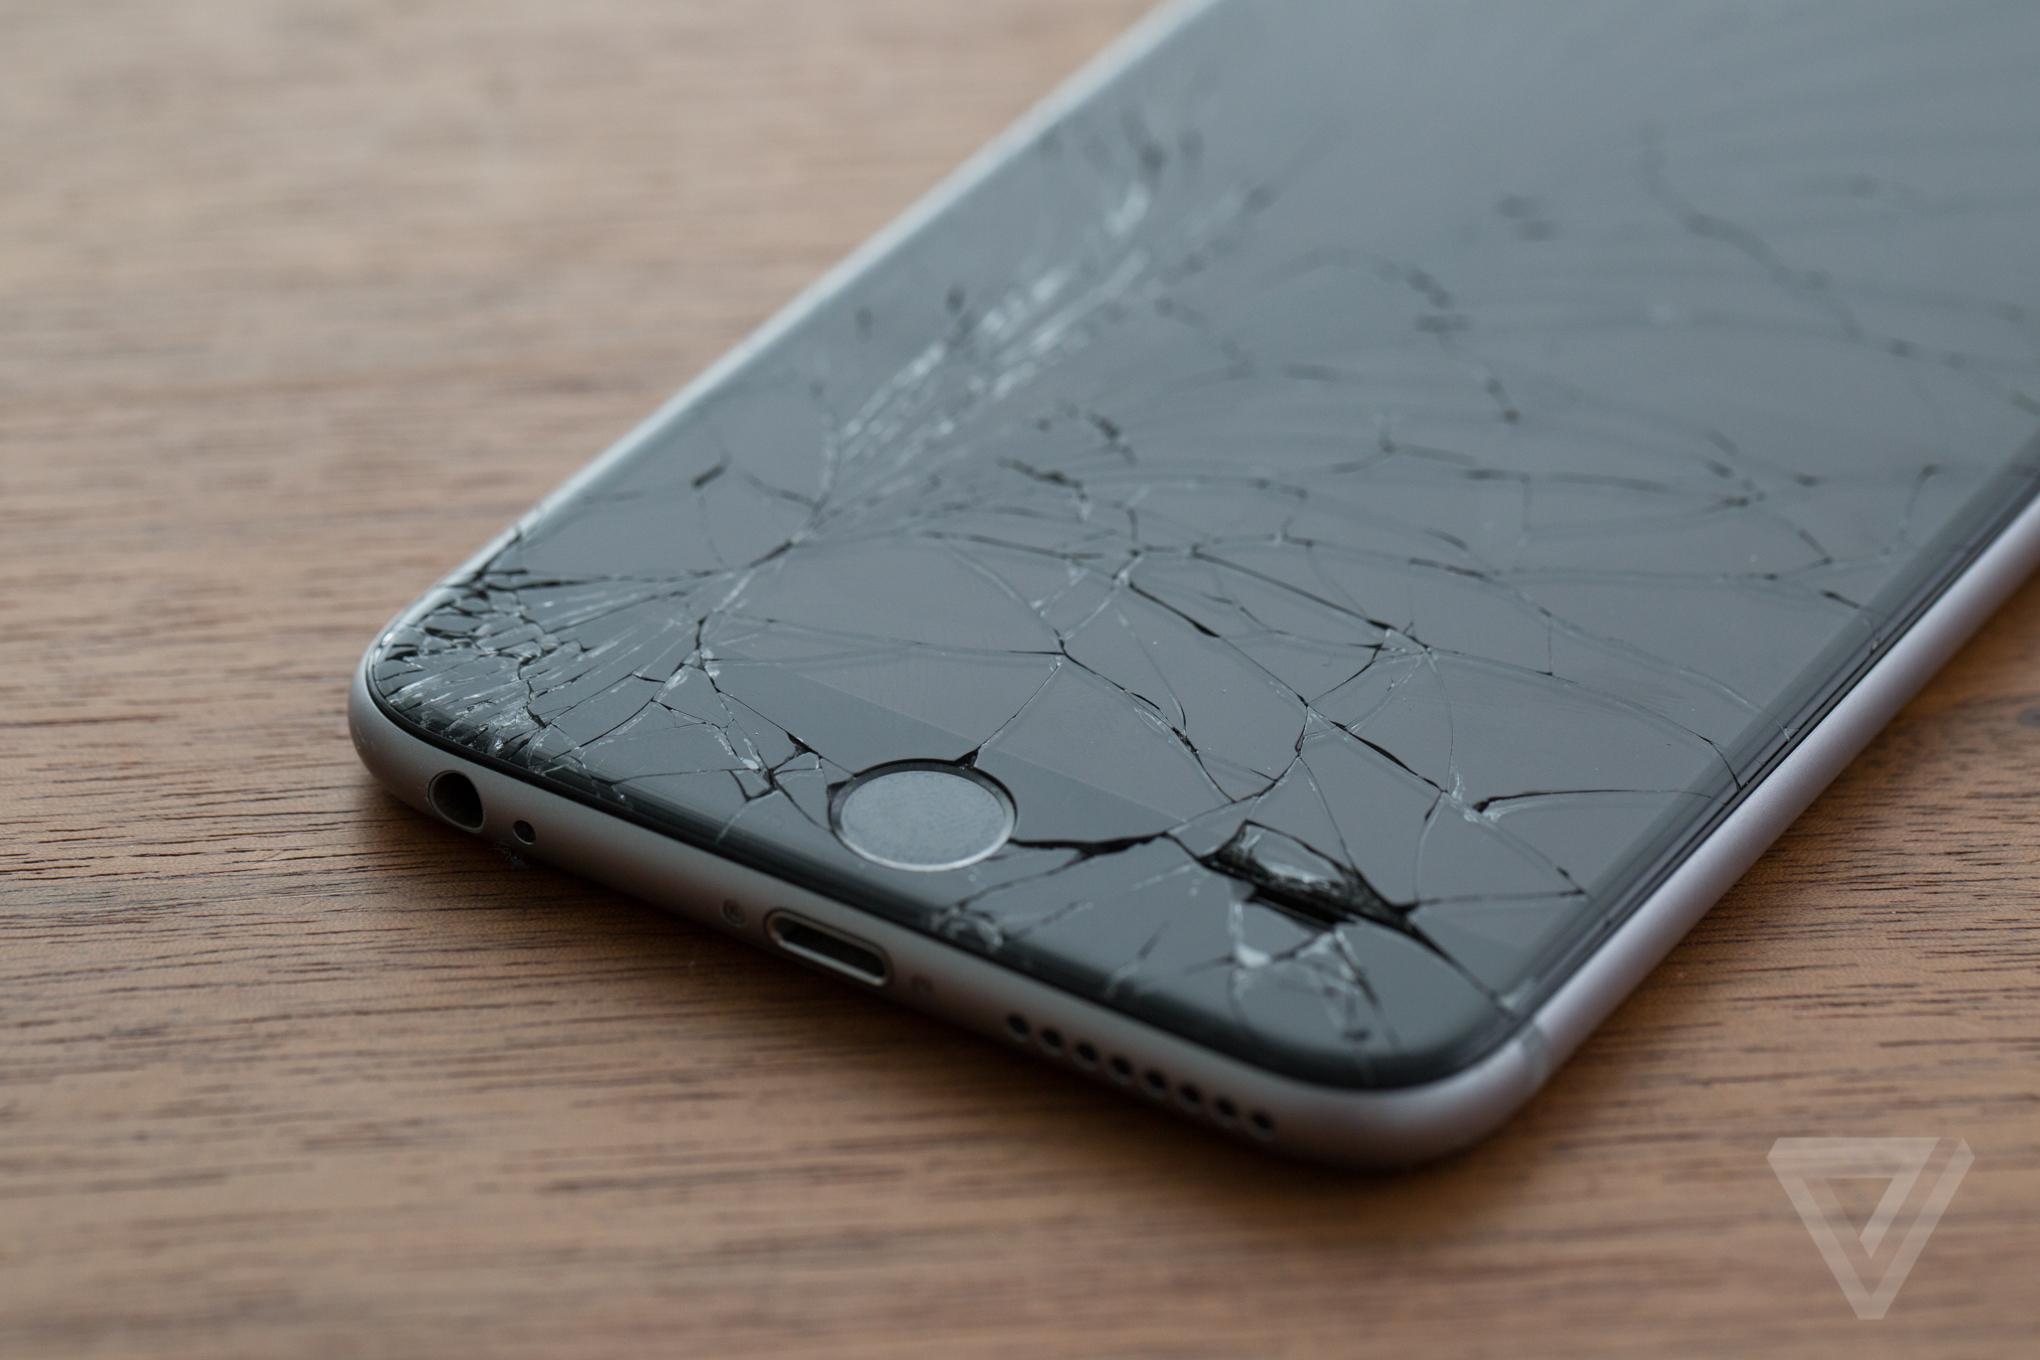 cracked-iphone-stock-1197.0.jpg